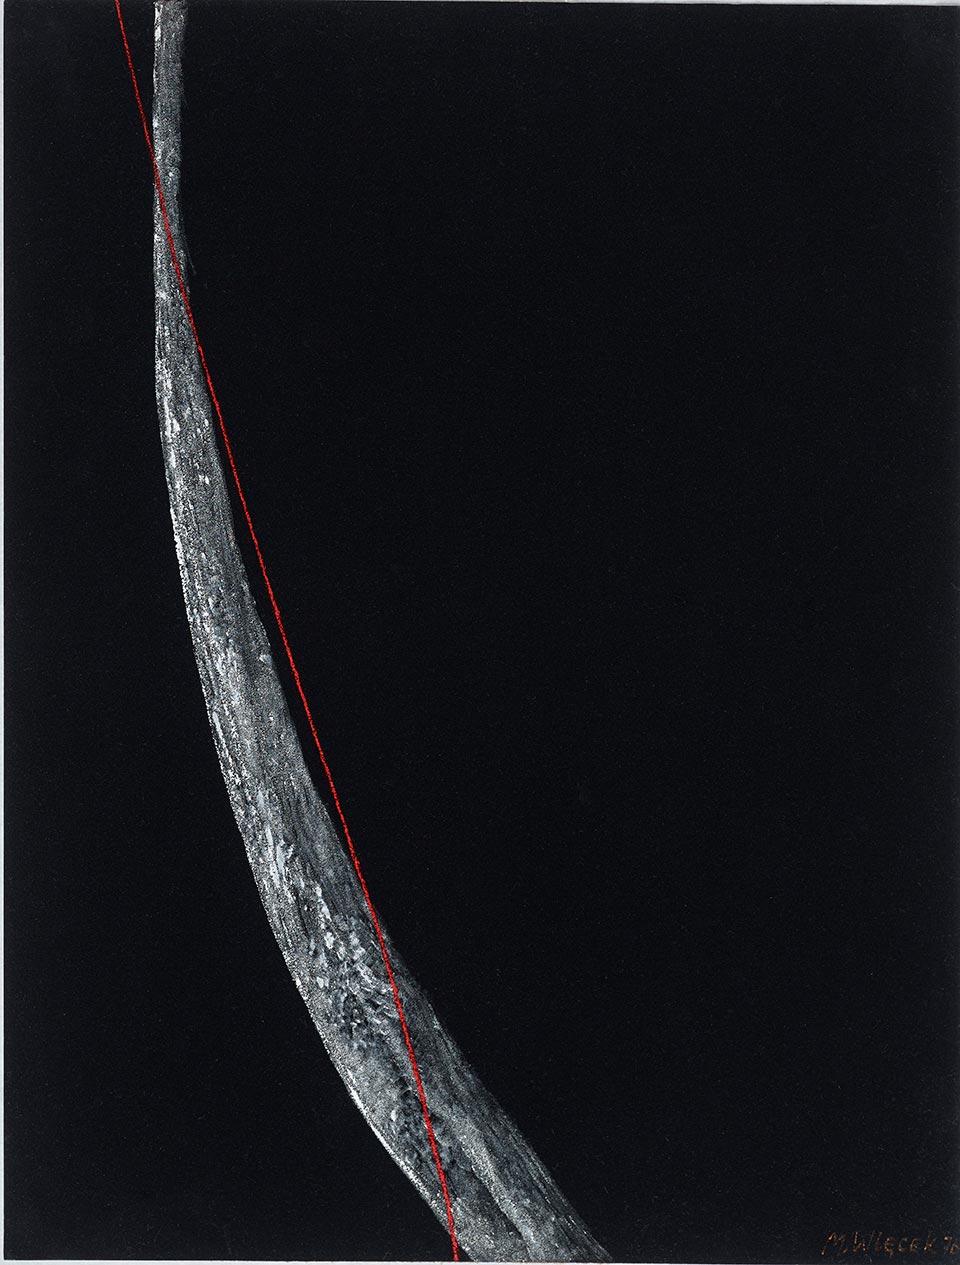 Bez tytułu, 1976, akryl na papierze welurowym, 65.5 x 50.5 cm